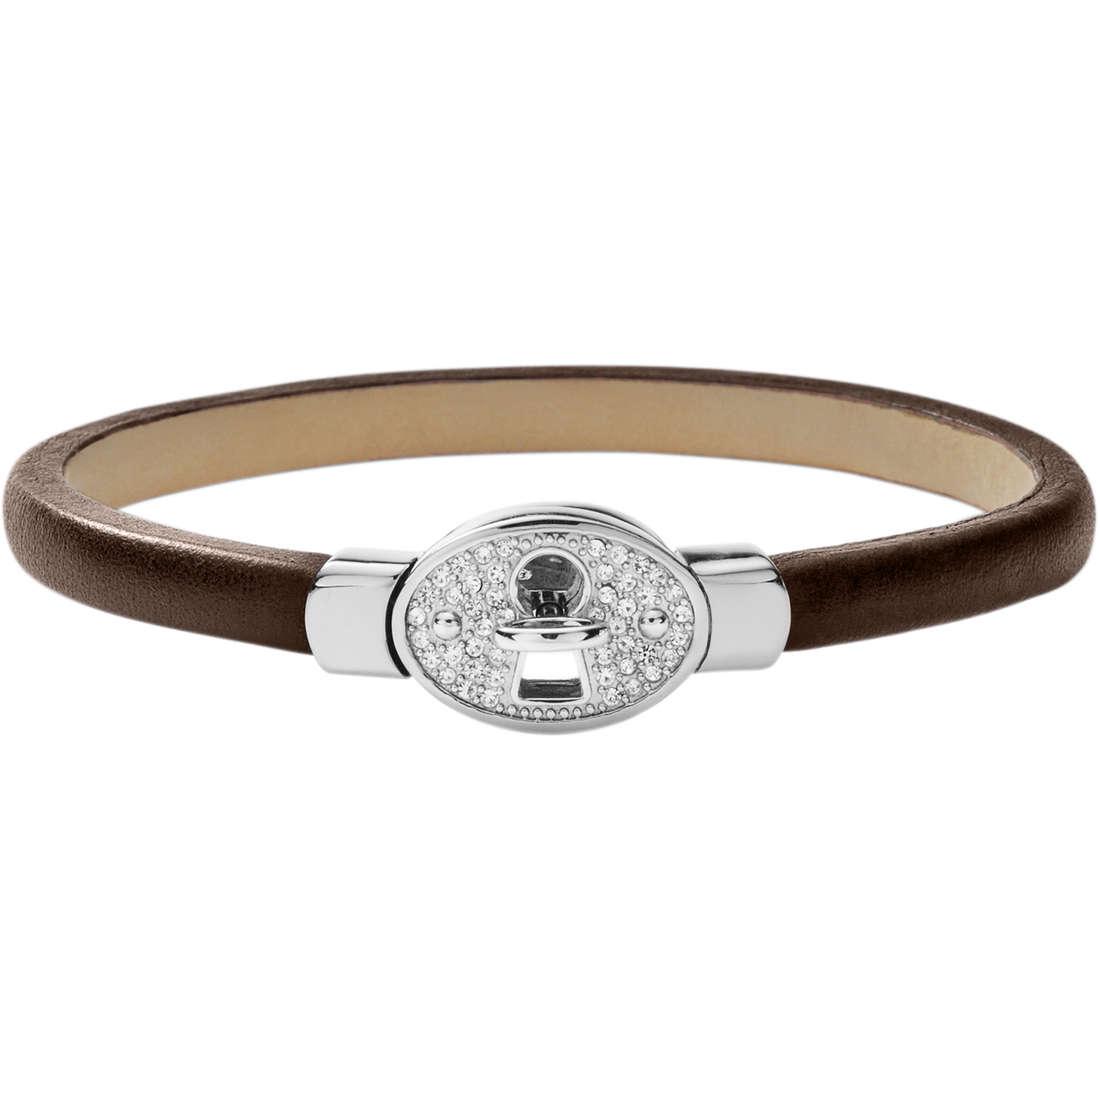 bracelet woman jewellery Fossil JF00230040